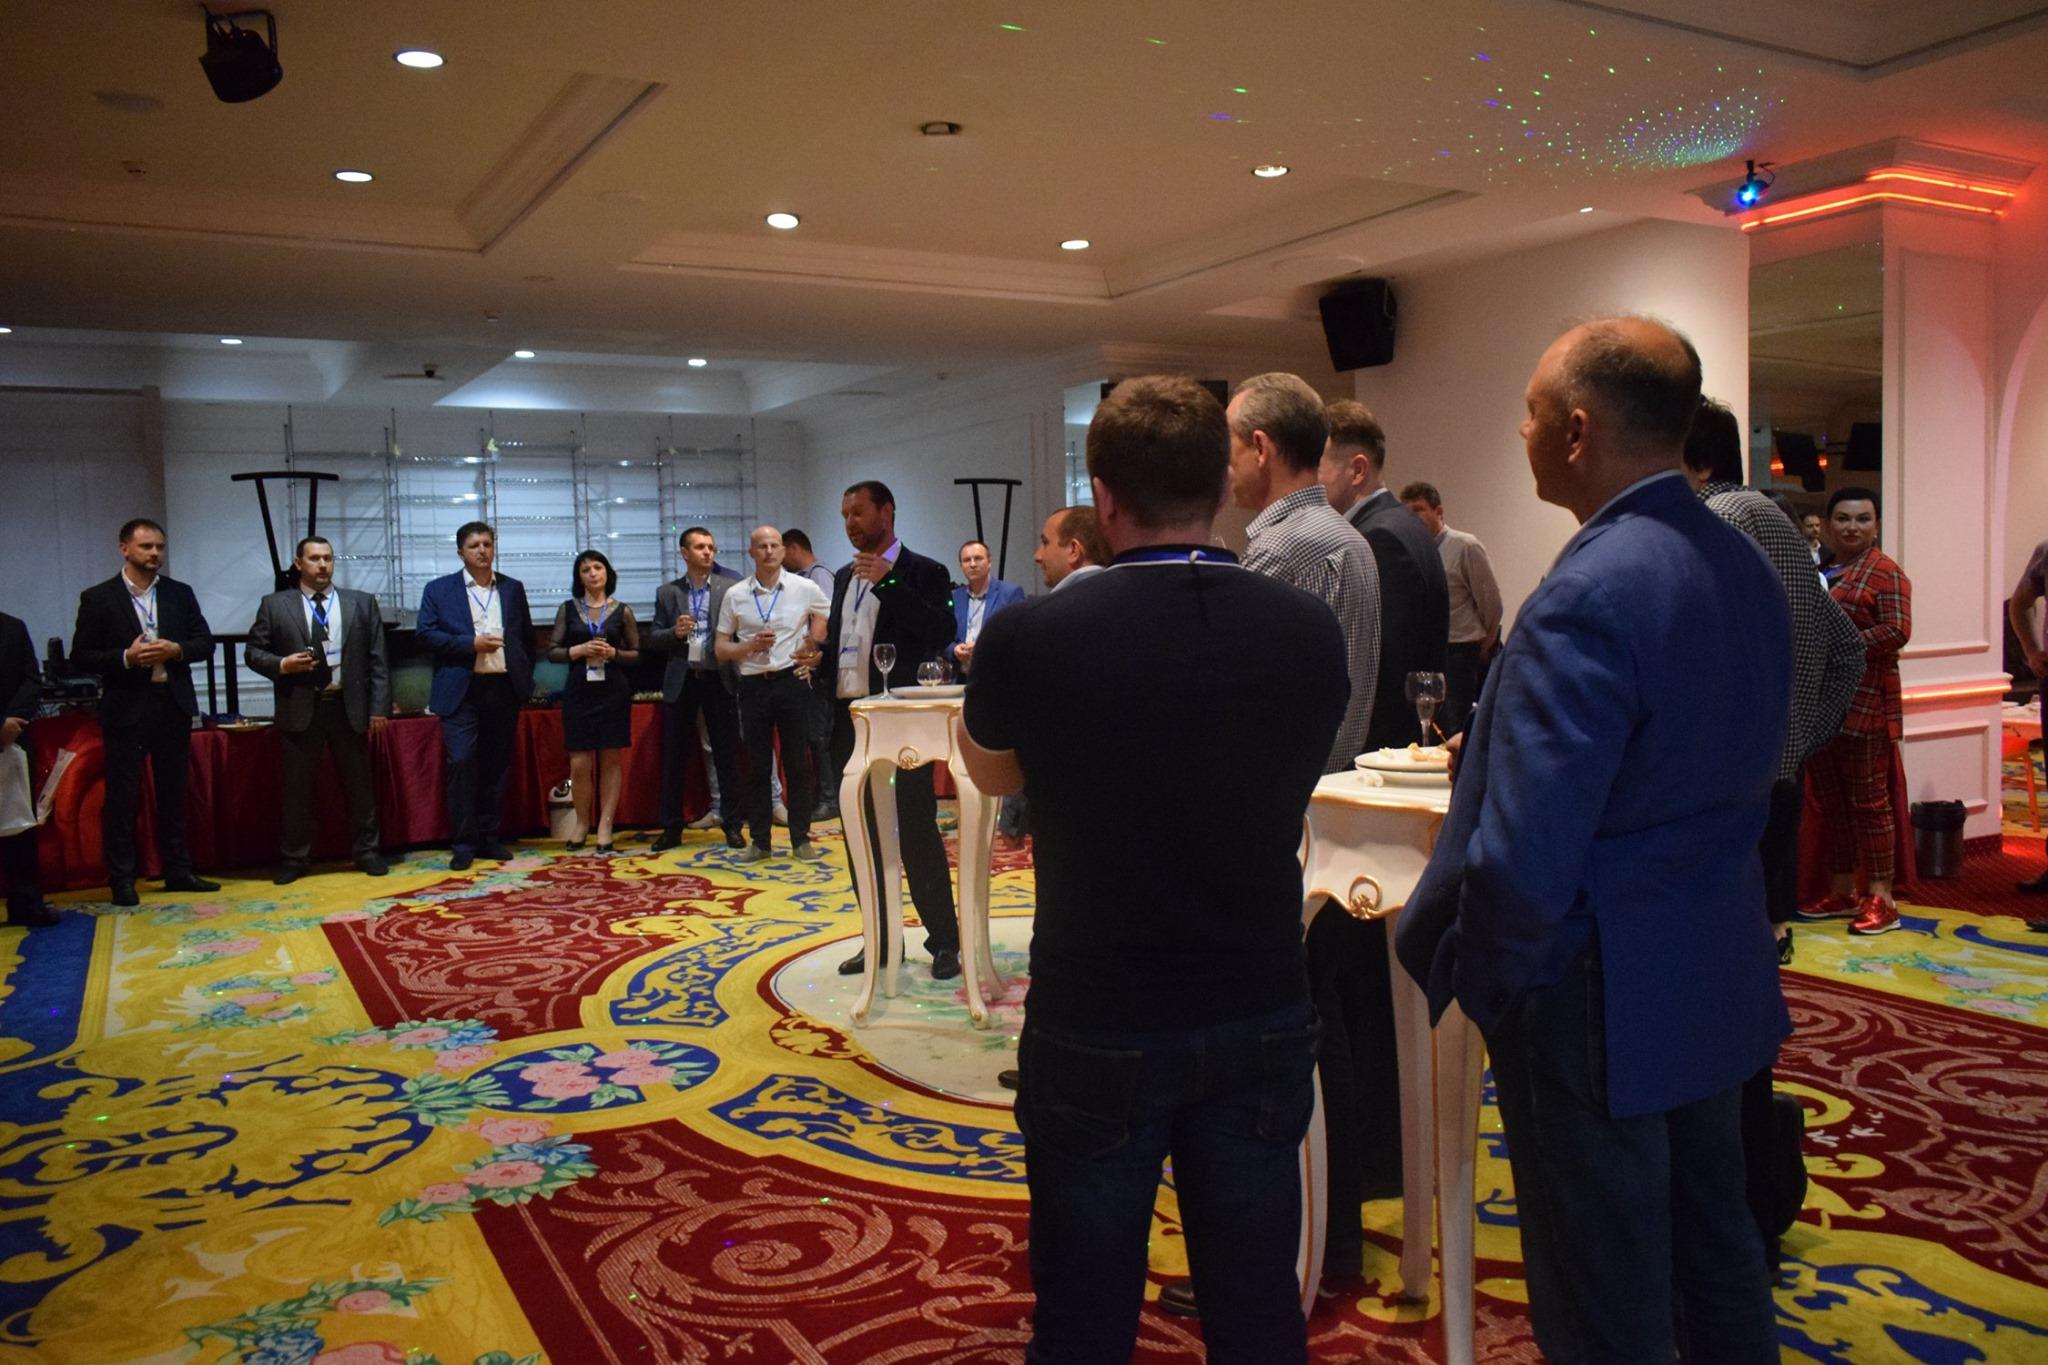 У Києві відбулася конференція на тему «Вапнякова галузь: підсумки року, очікування та перспективи. Галузевий аспект споживання вапнякової продукції»